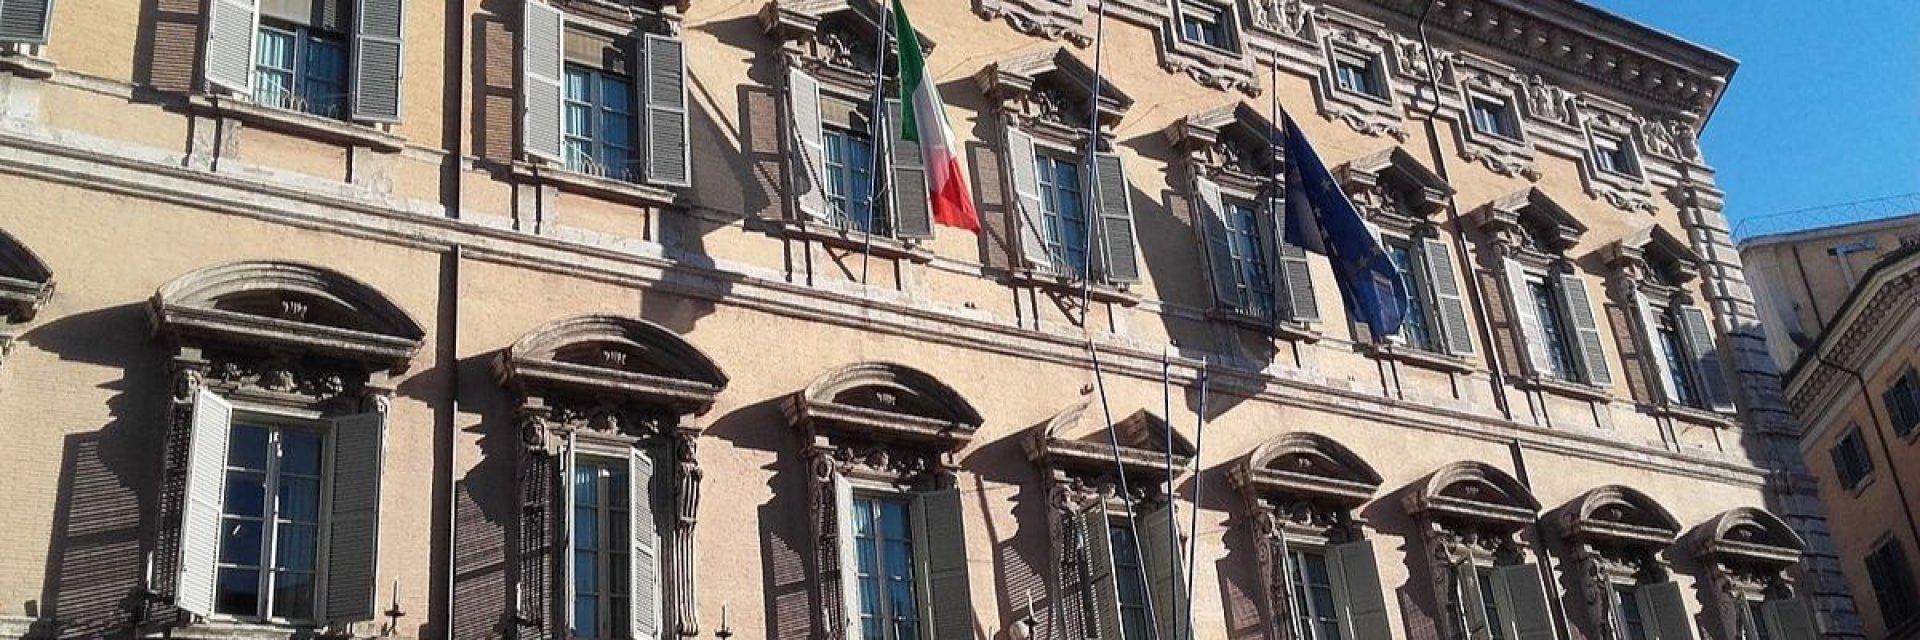 a-palazzo-madama-facciata-jpg-3a15541cff3a8f0e